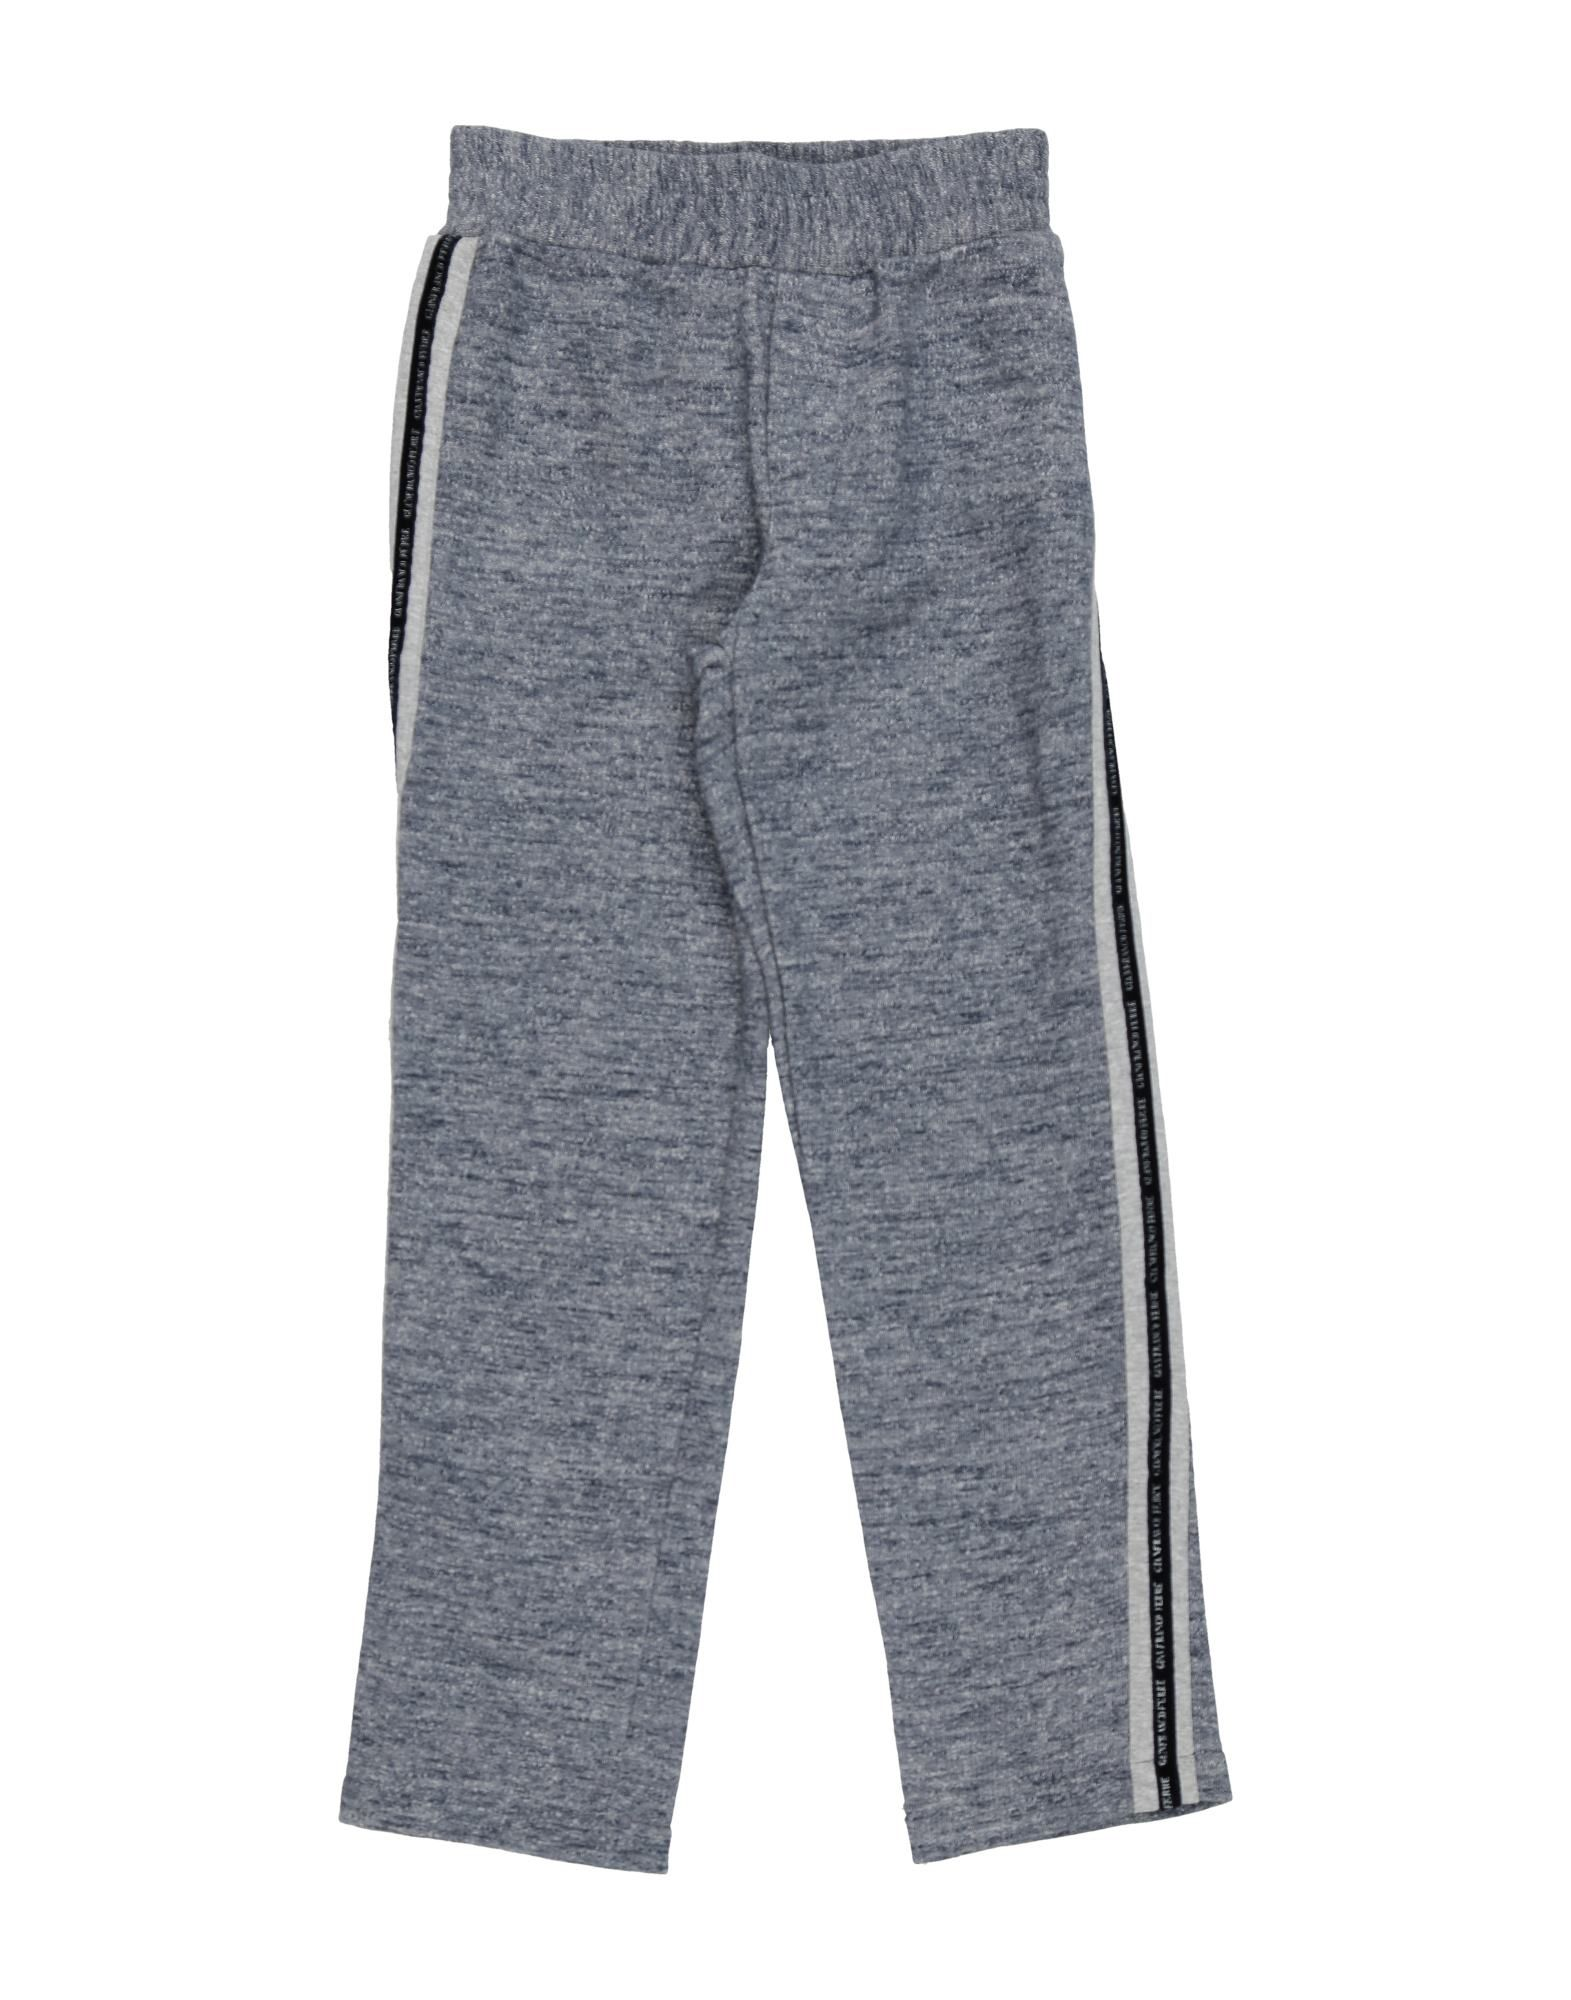 Gianfranco Ferre Kids' Casual Pants In Blue